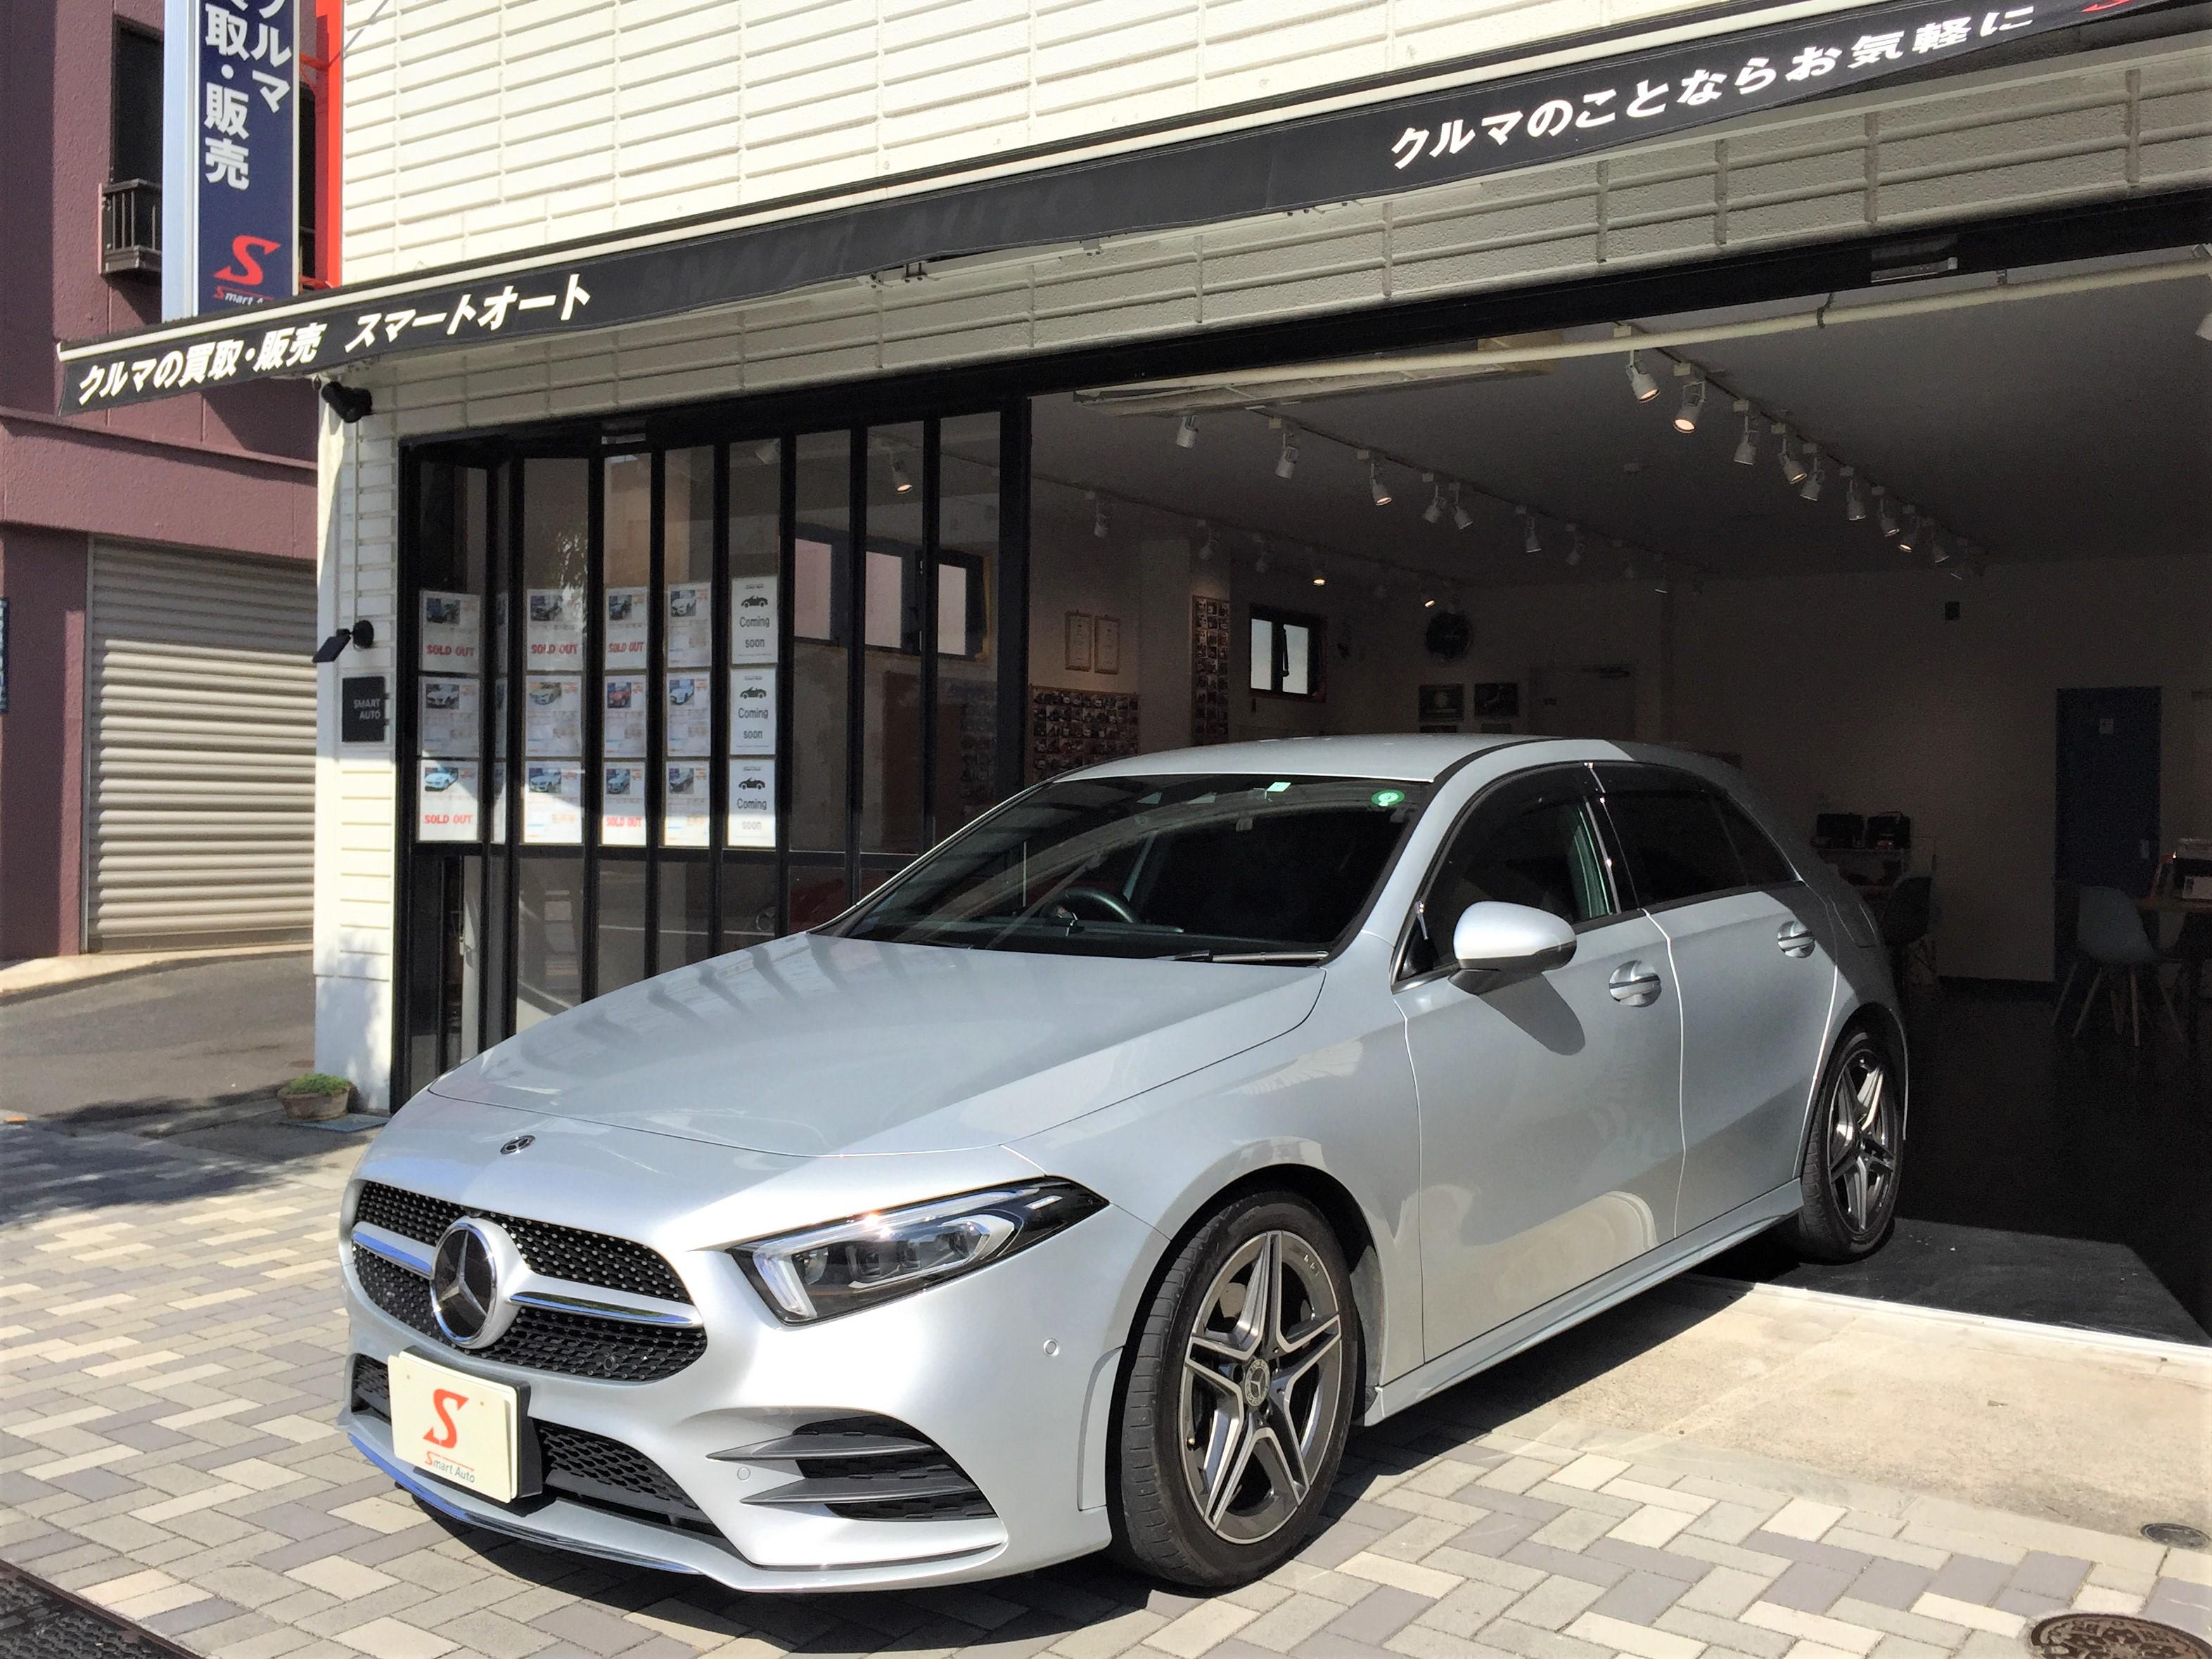 スマートオートの販売在庫車に< メルセデス・ベンツ A200d >が、追加になりました。